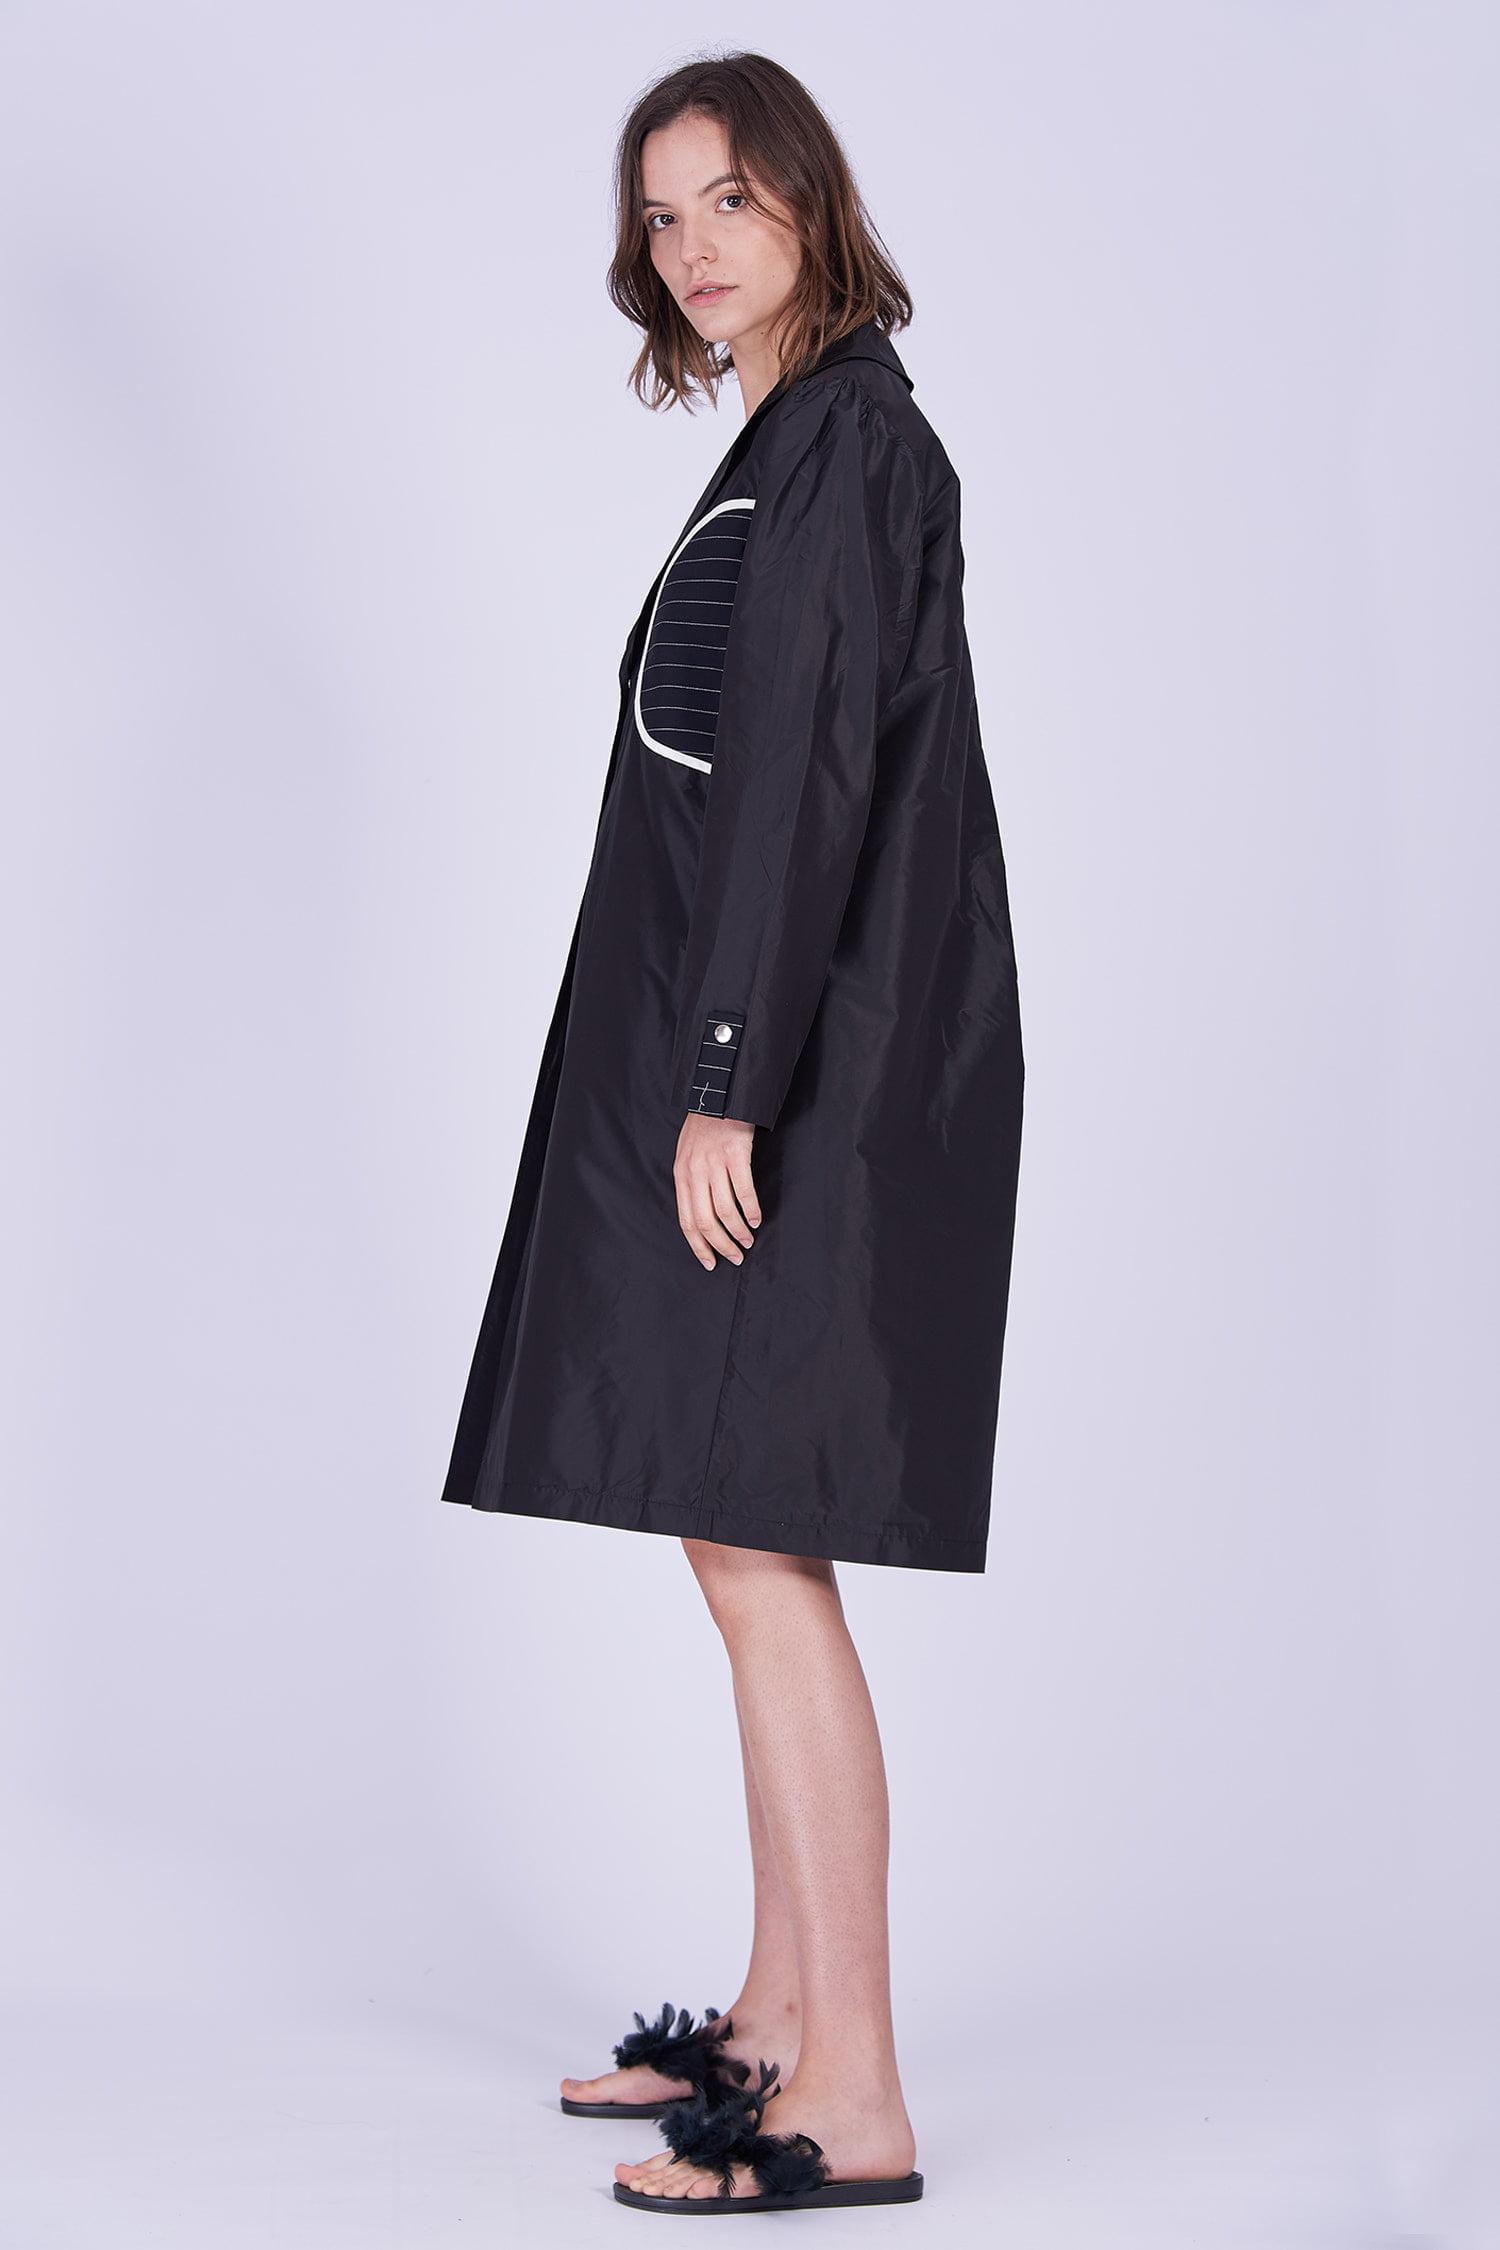 Acephala Ps2020 Black Light Coat Czarny Lekki Plaszcz Side